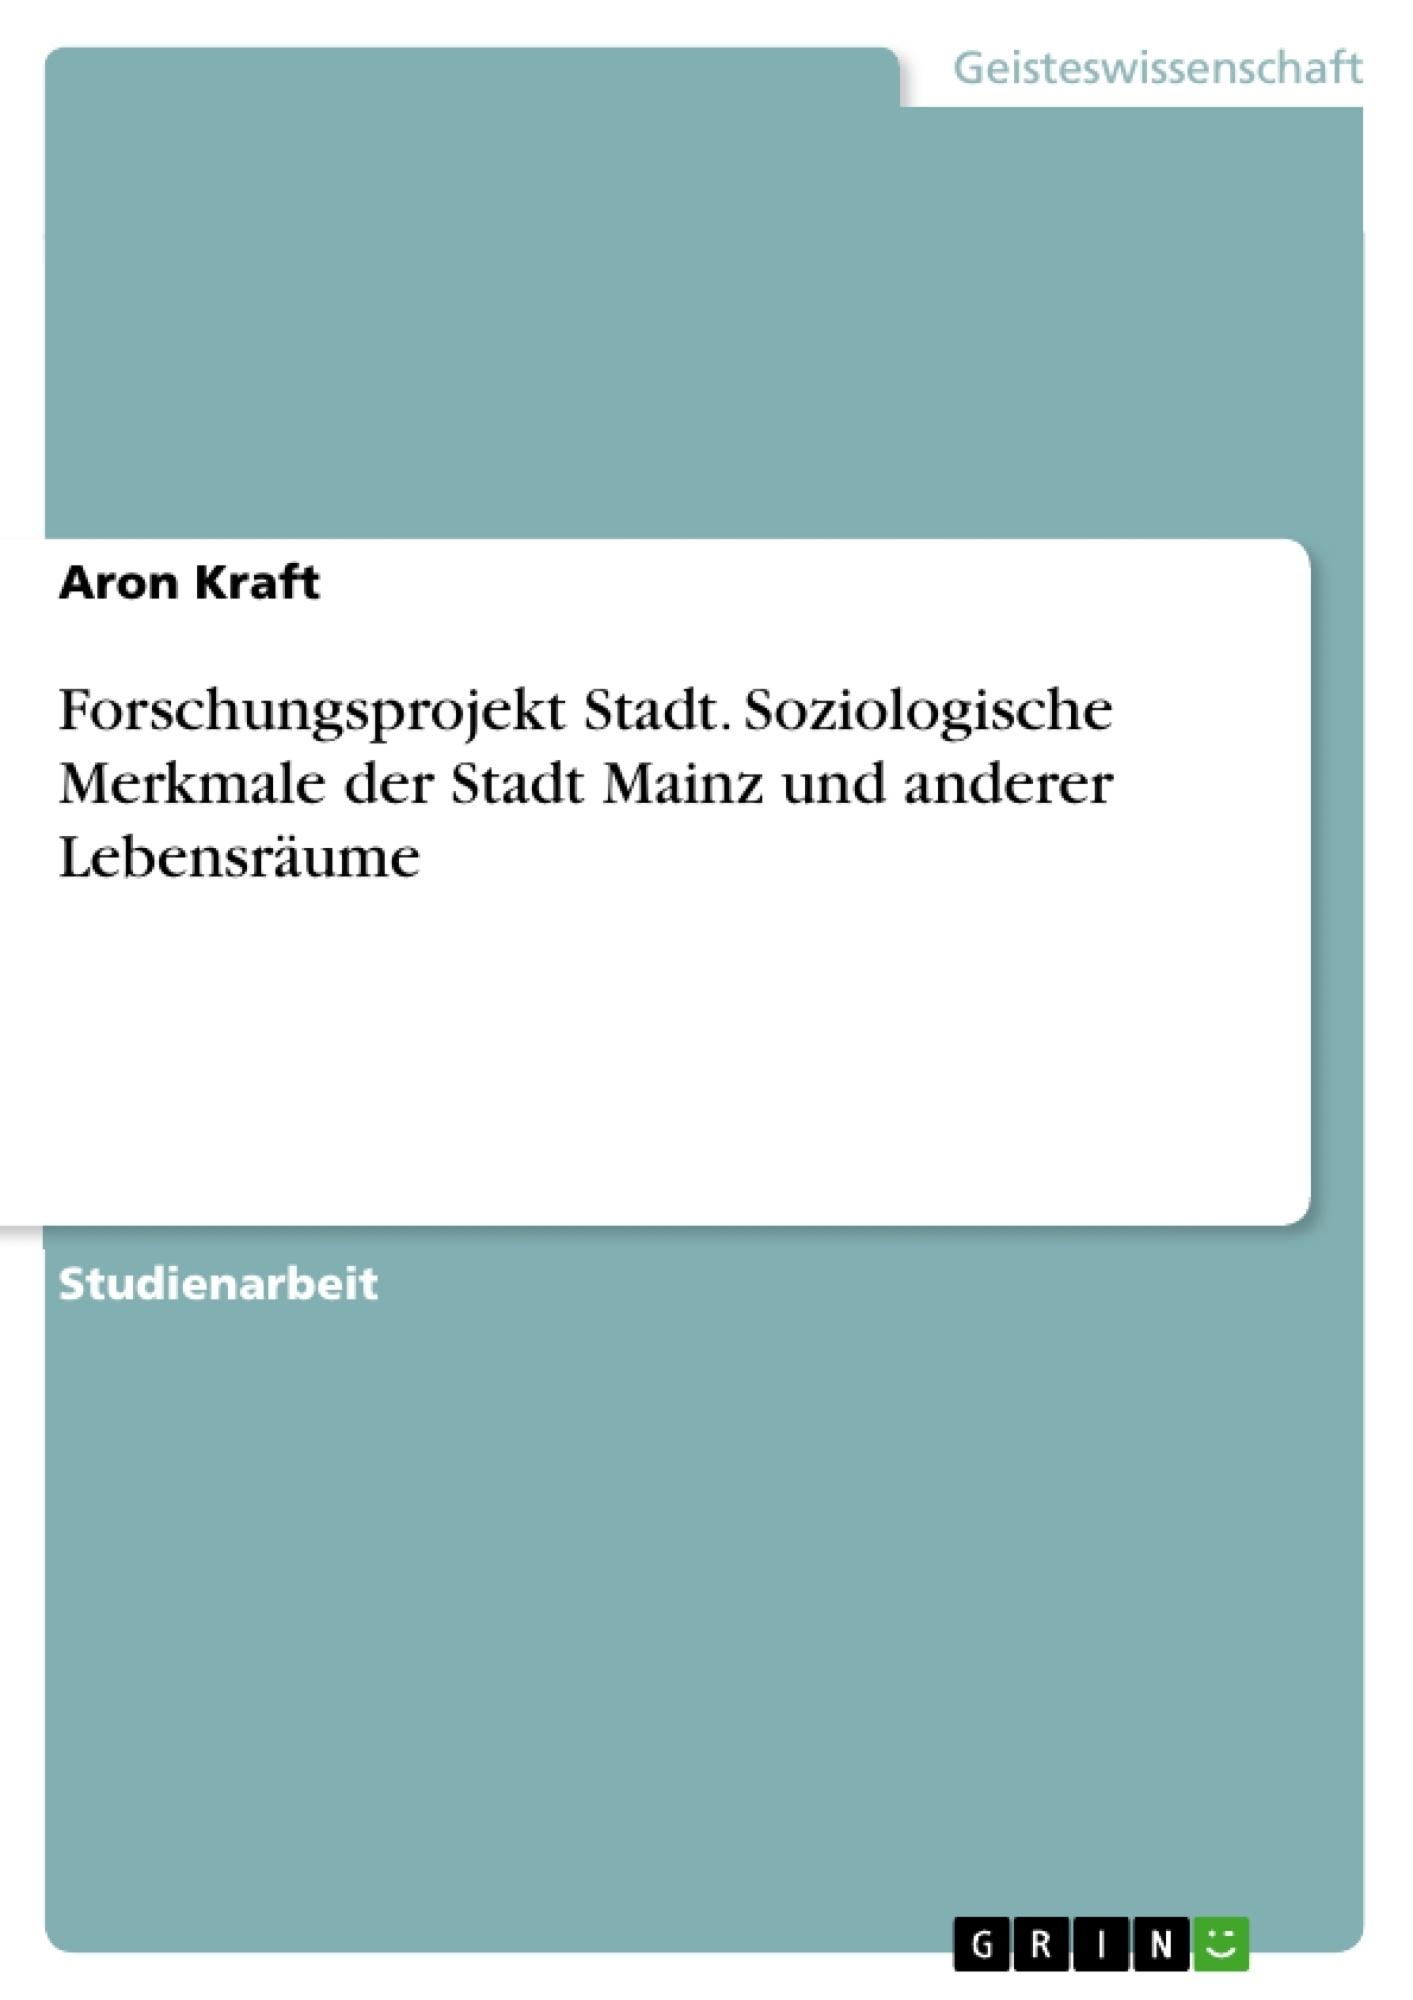 Titel: Forschungsprojekt Stadt. Soziologische Merkmale der Stadt Mainz und anderer Lebensräume